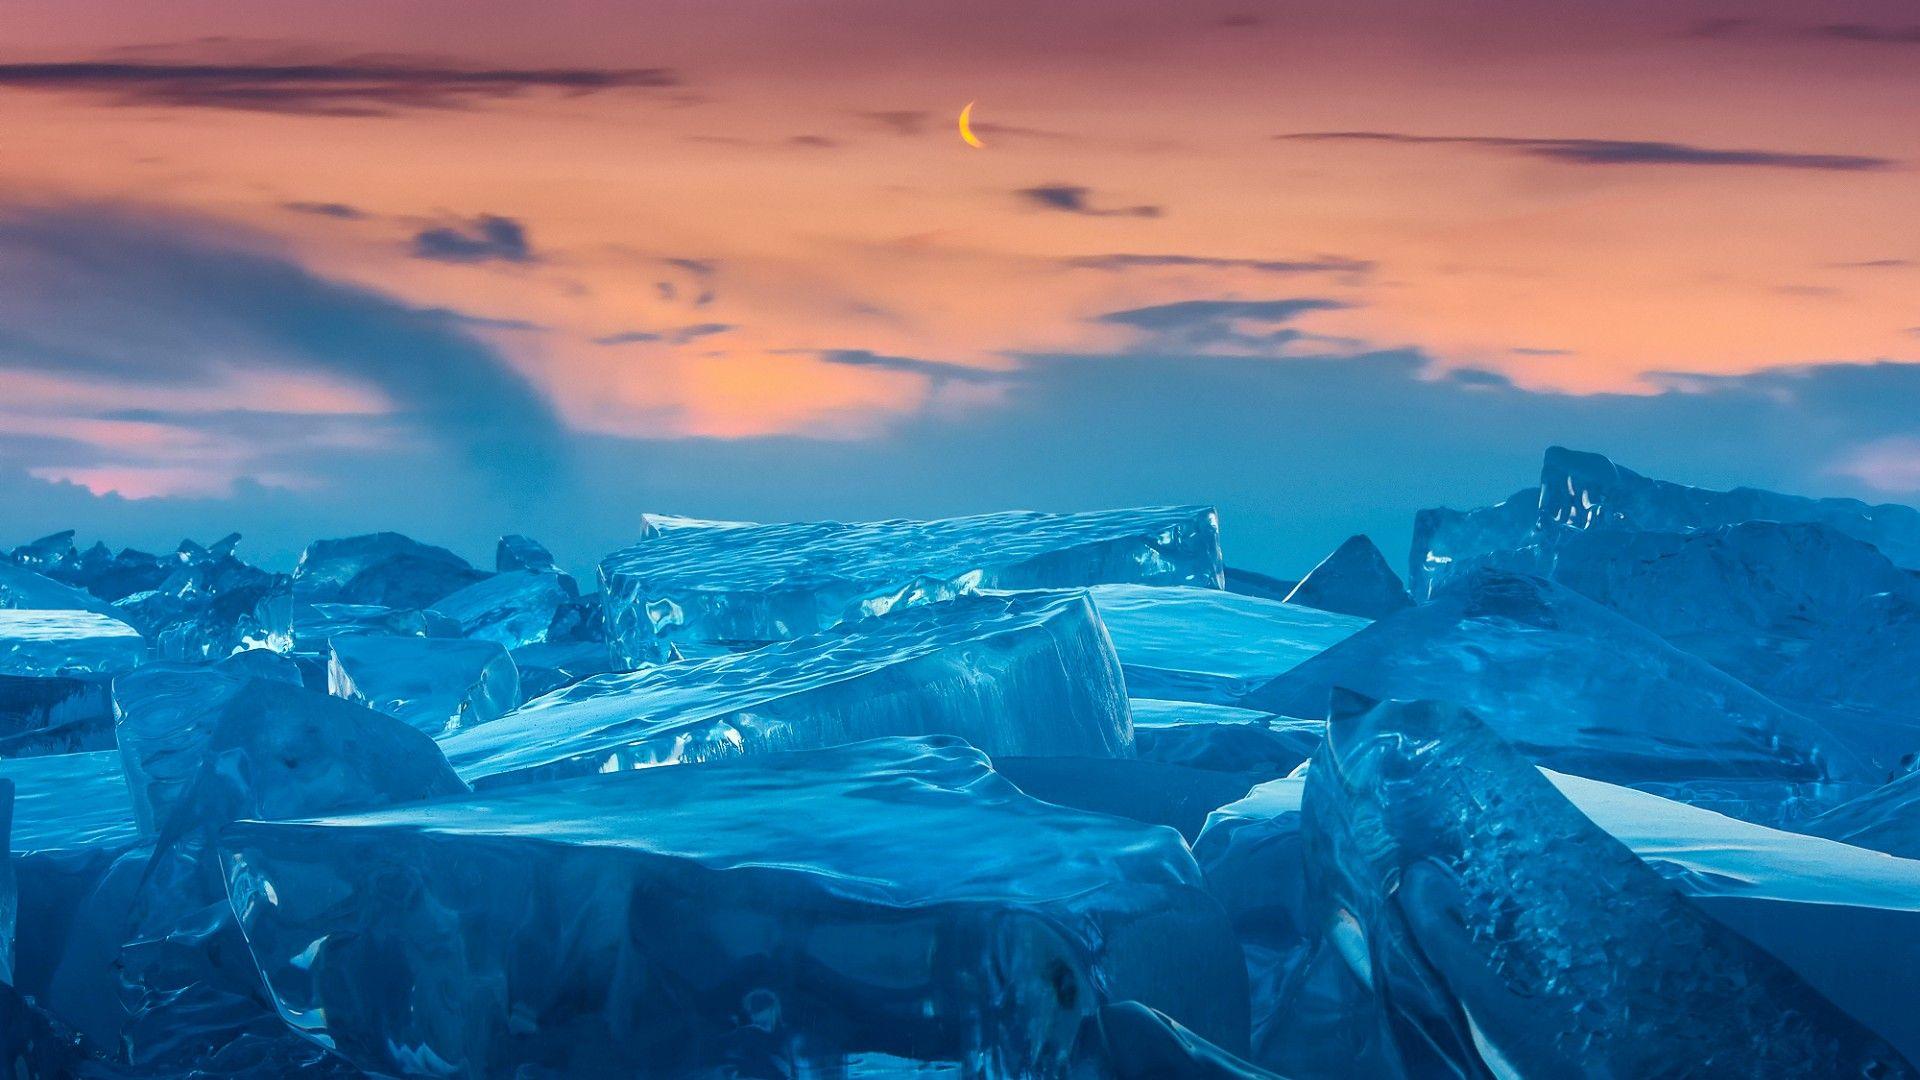 Von Baikal In Winter